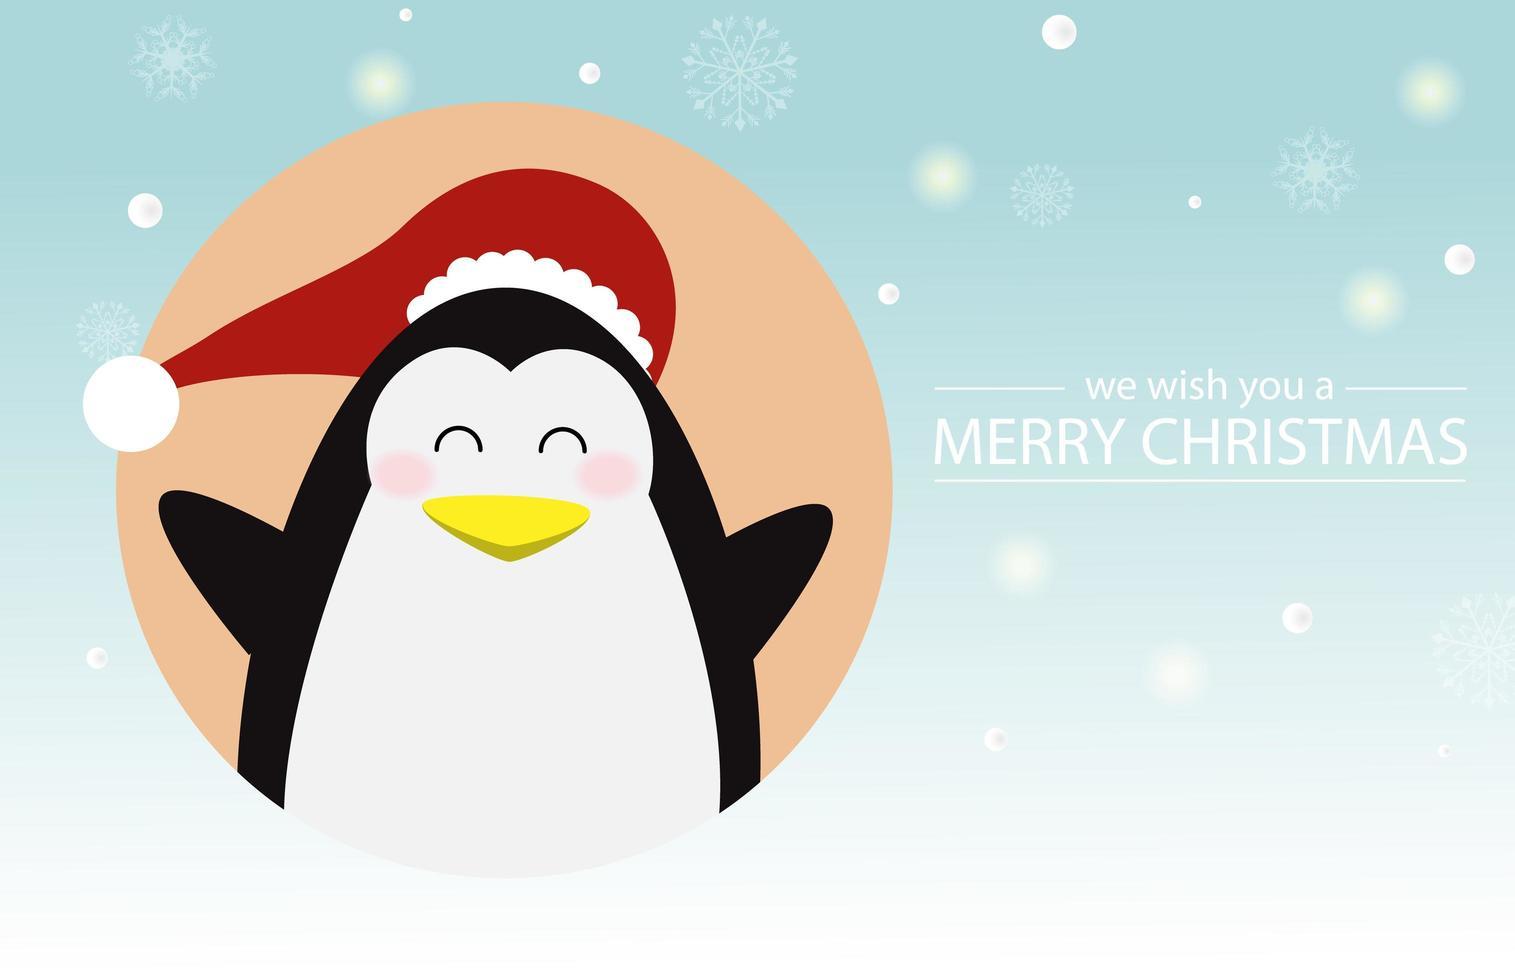 conception de noël et nouvel an avec pingouin mignon vecteur